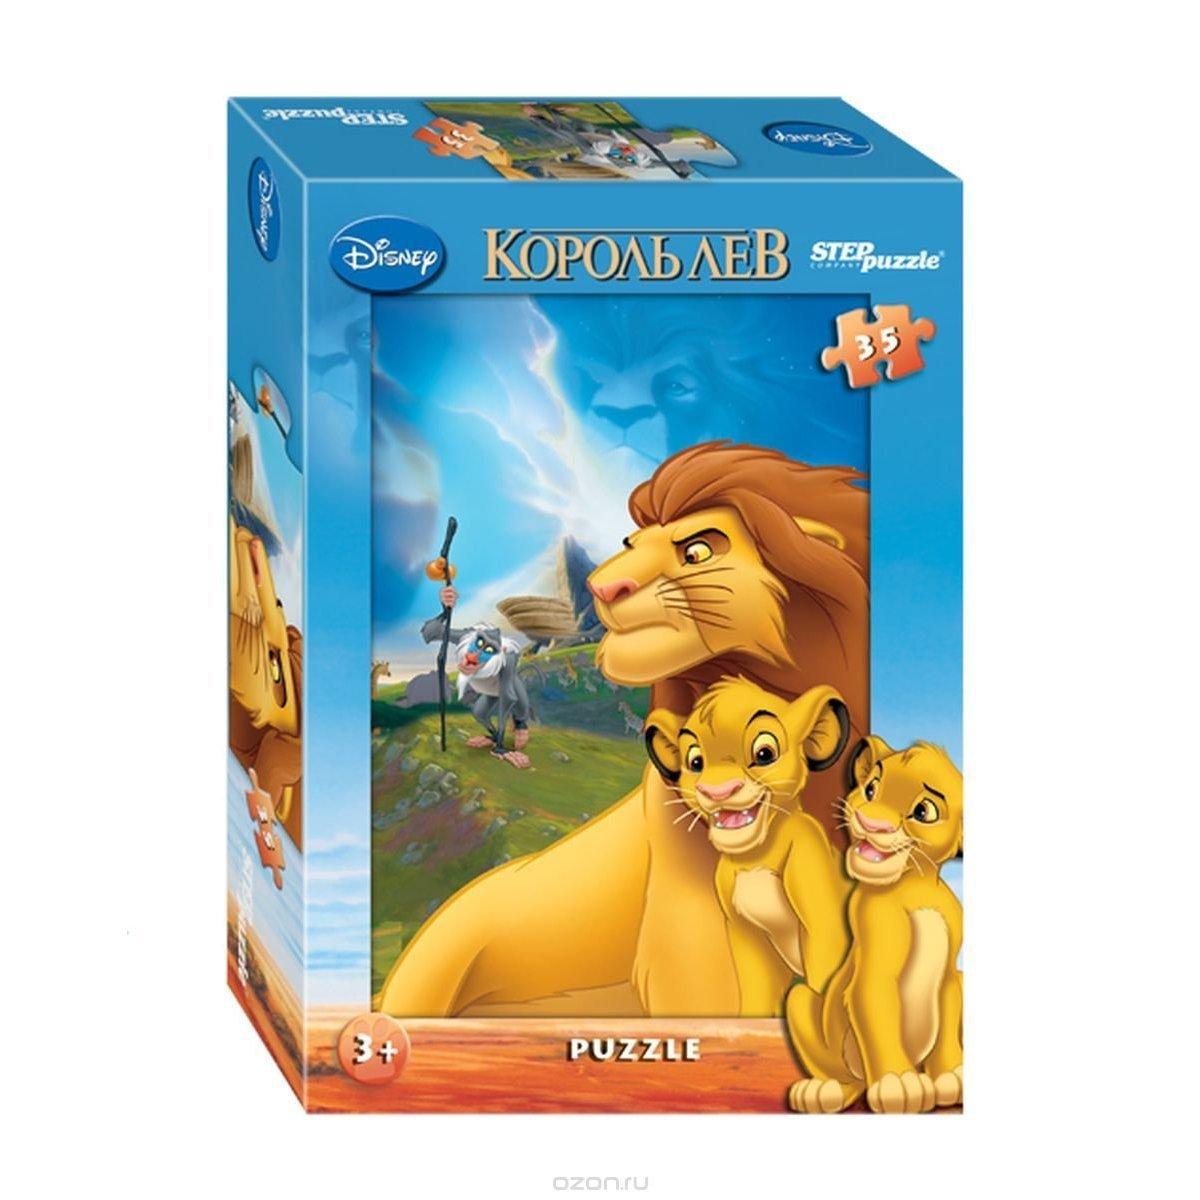 лего в картинках король лев живет